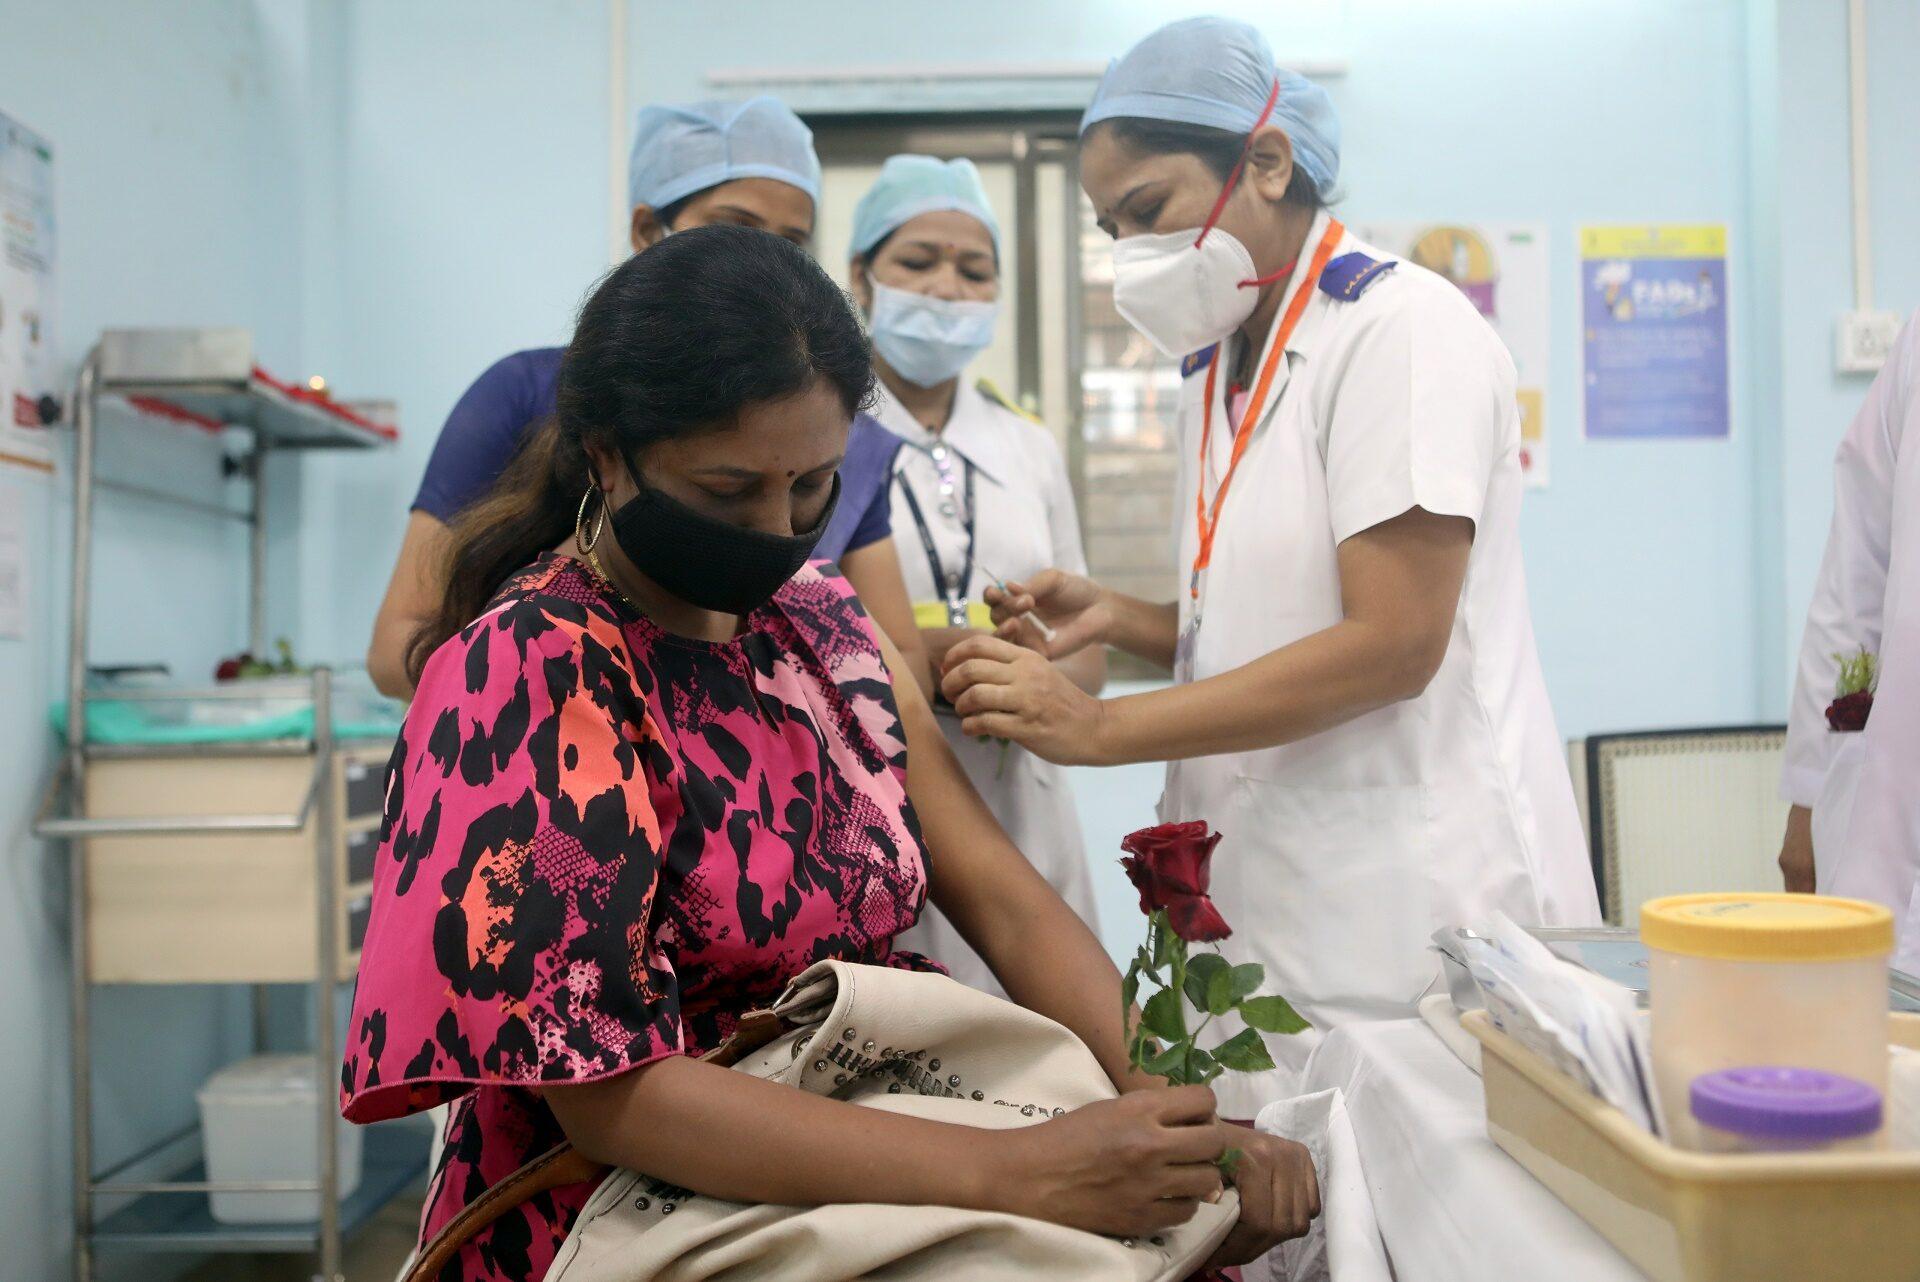 อินเดียเริ่มแล้ว รณรงค์ฉีดวัคซีนต้านโควิดทั่วประเทศ